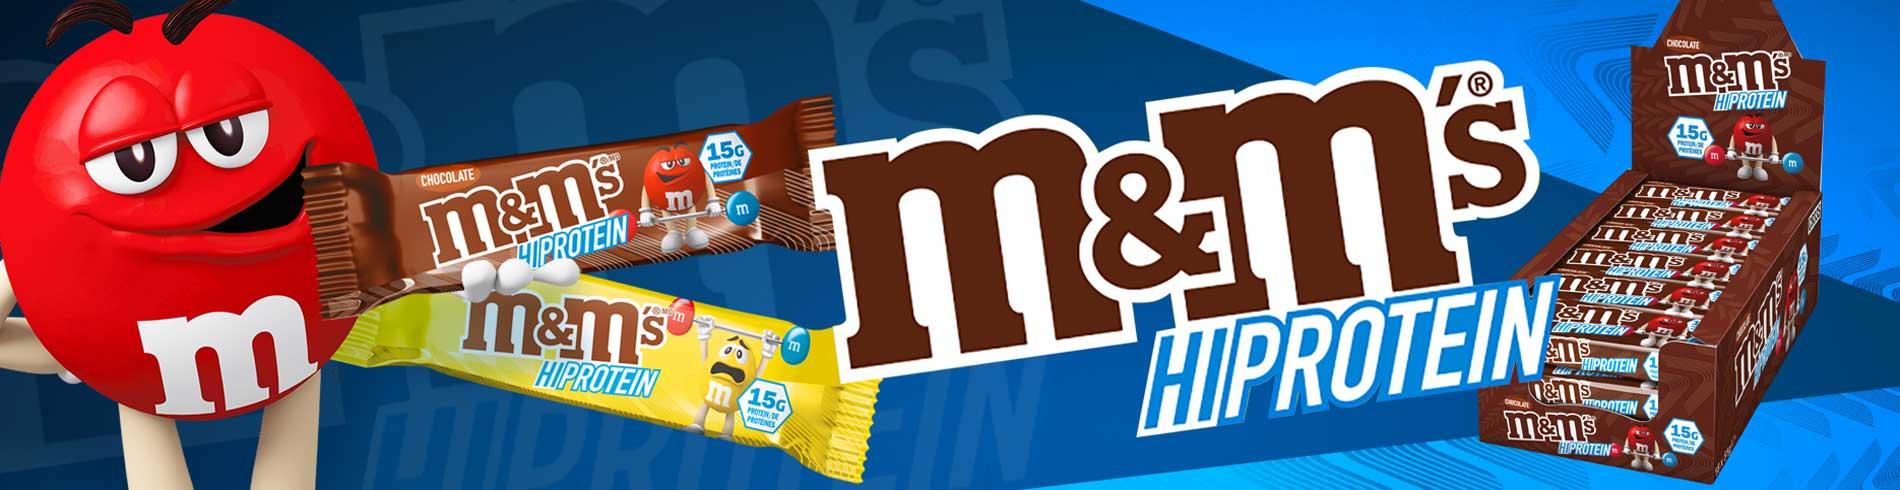 M & Ms Hi Protein